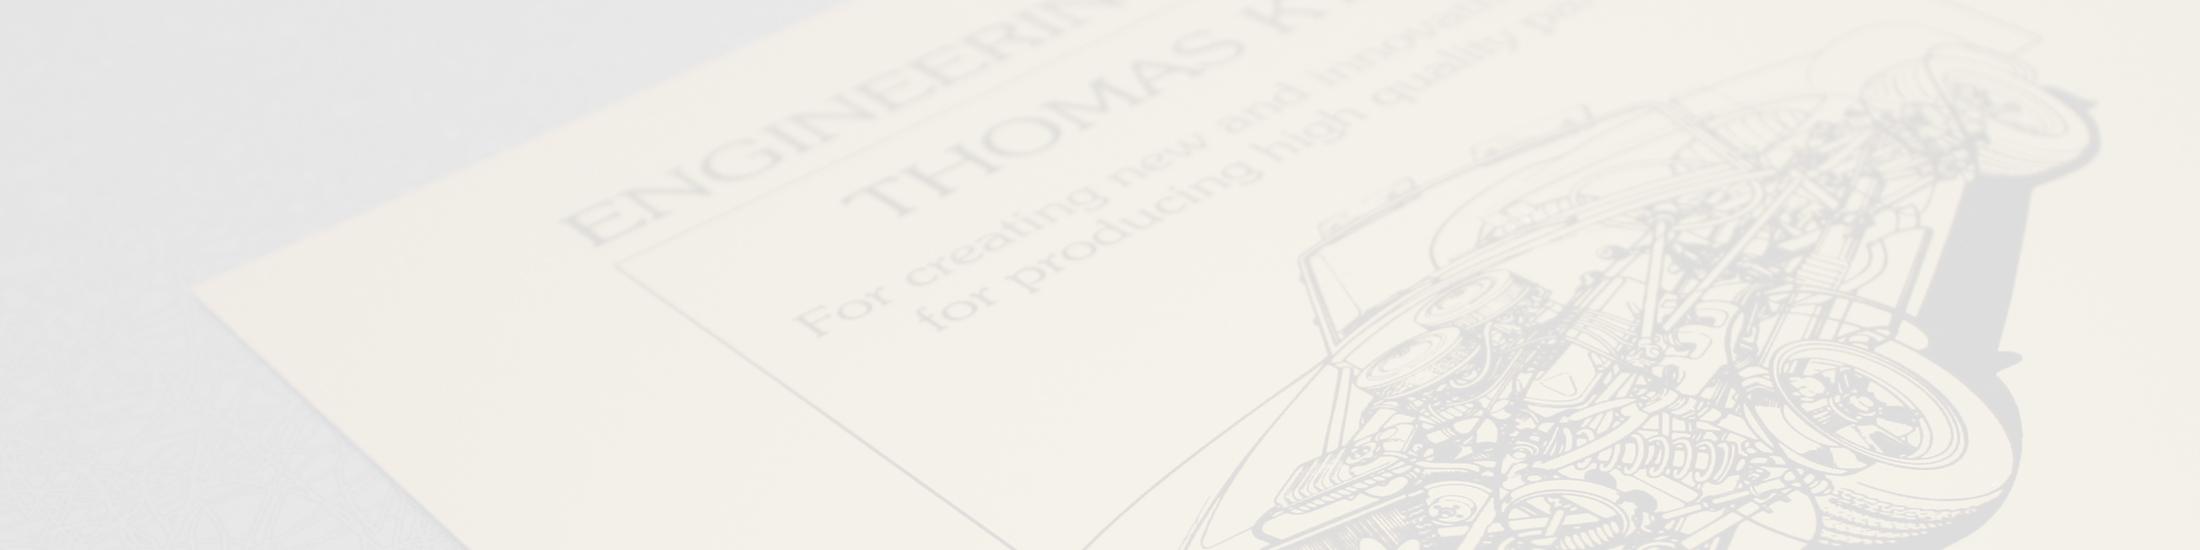 Large gamme de plaques aluminium anodisées pour une gravure laser ou mécanique